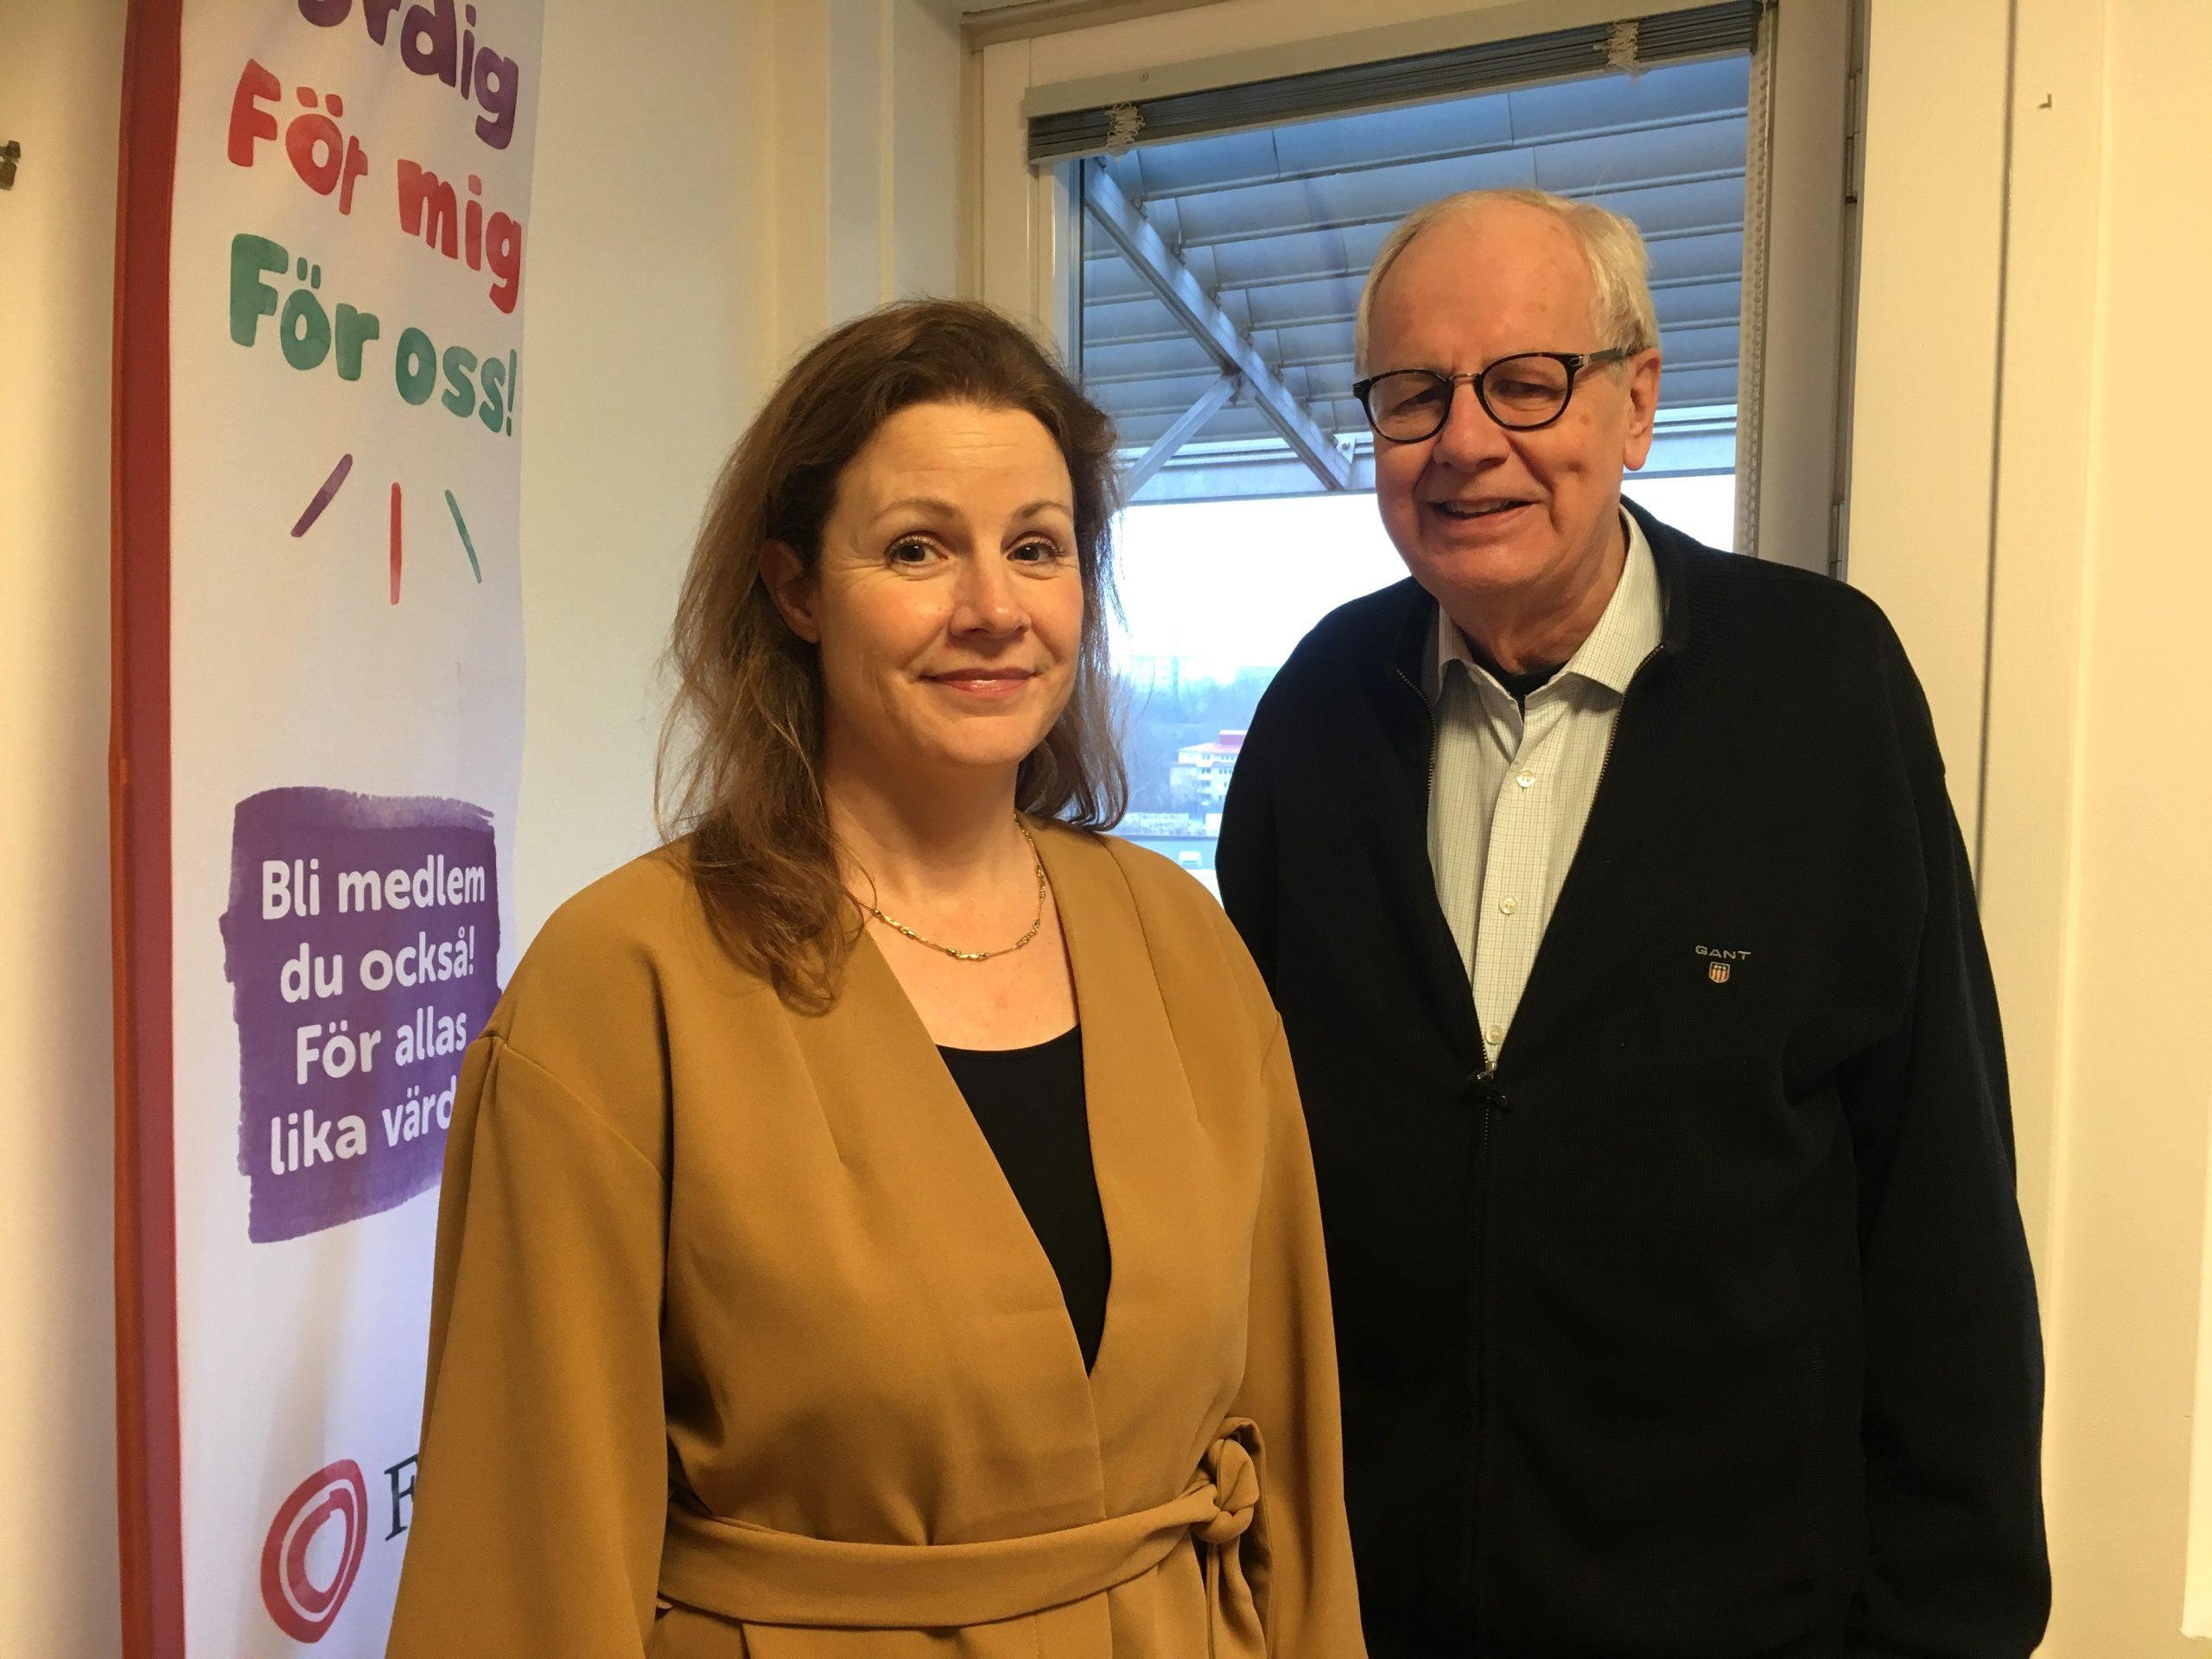 FUB:s tillträdande förbundssekreterare Christina Heilborn och förbundsordförande Harald Strand